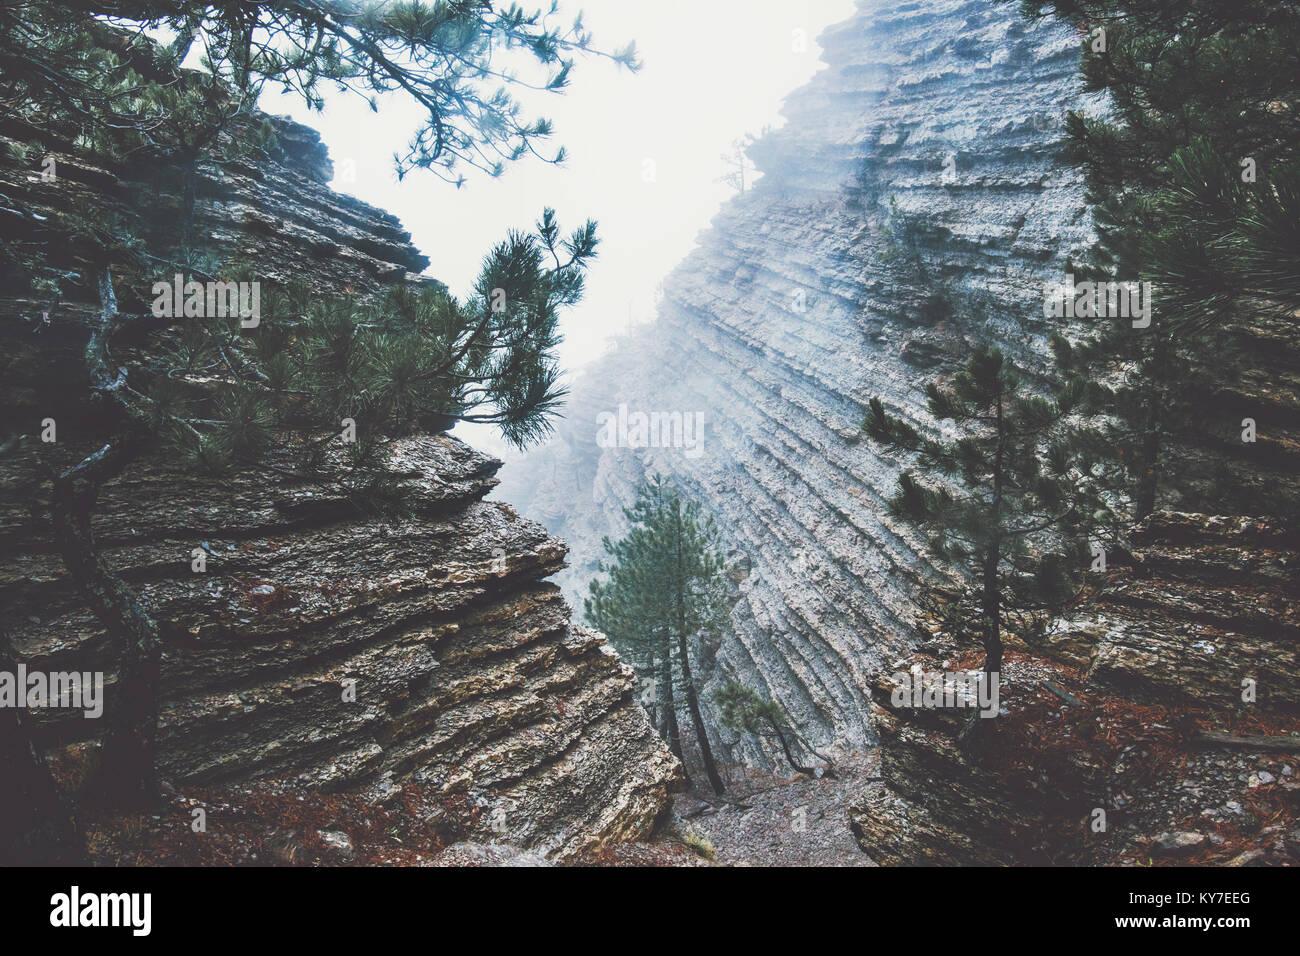 Rocce di foggy paesaggio forestale vista panoramica di viaggio paesaggio sereno giorno di pioggia Immagini Stock